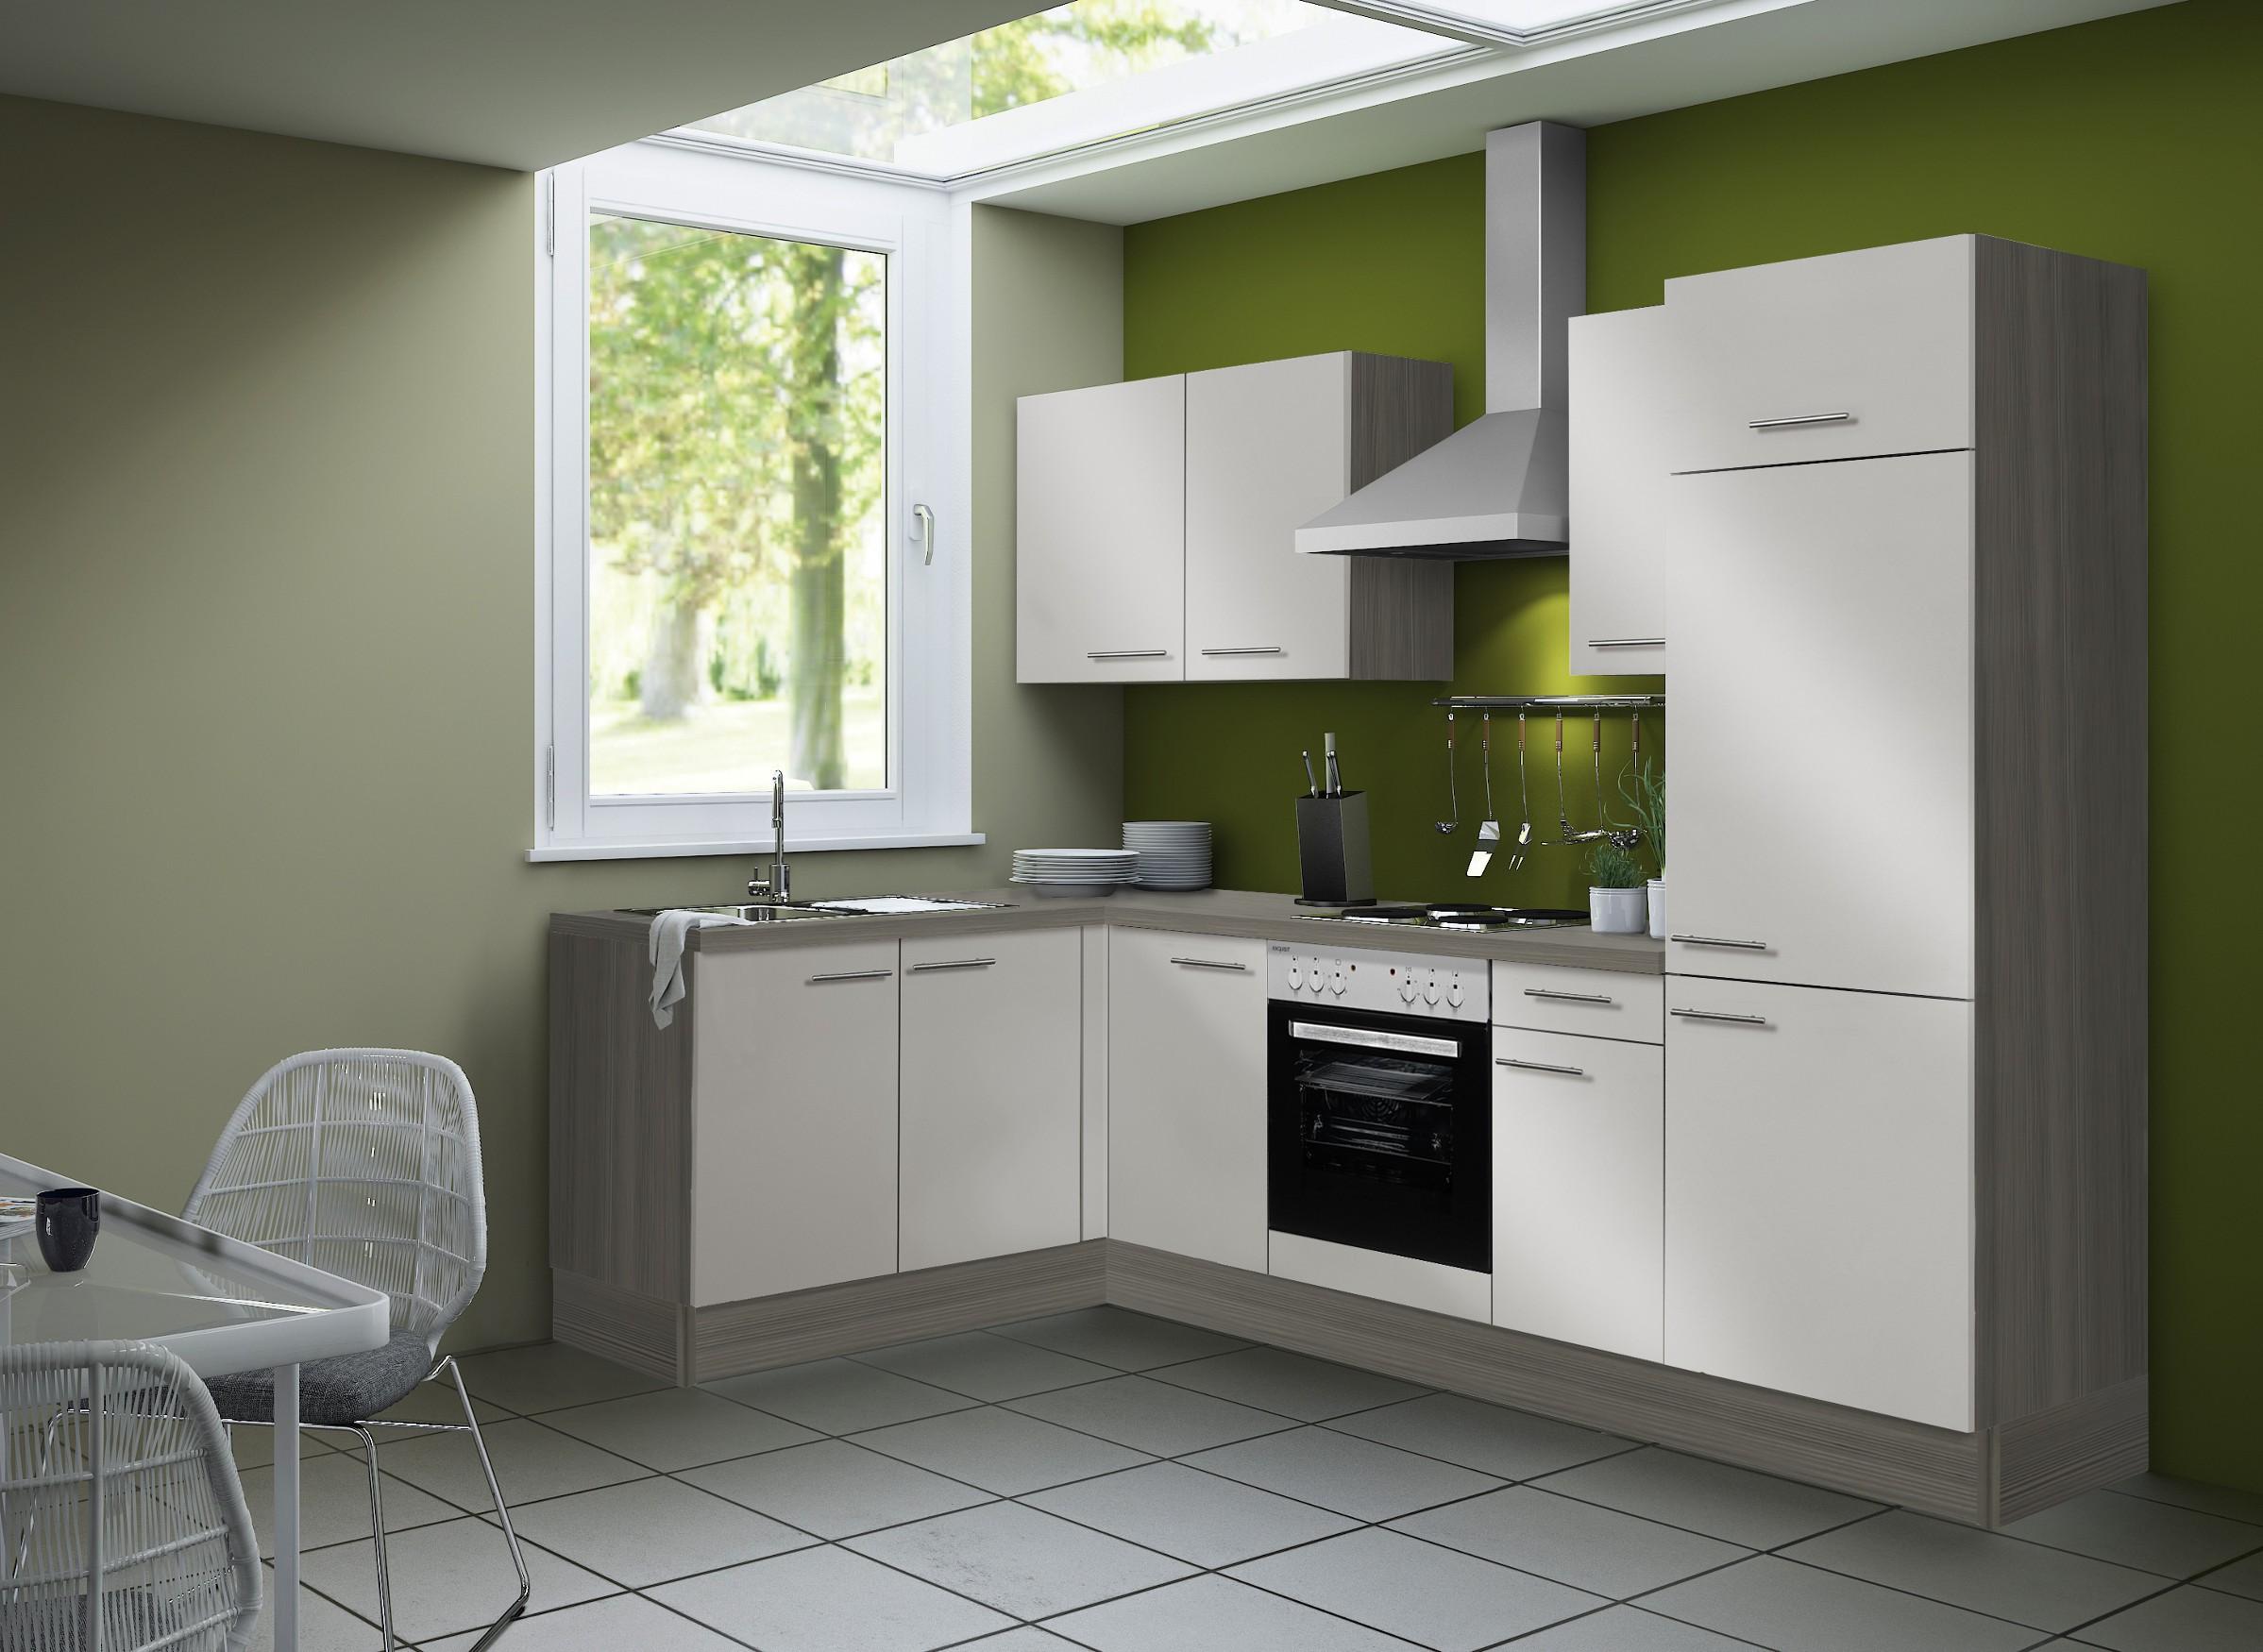 Winkelküche Mit Geräten Küchenzeile L Form Eck Küche Einbauküche 270x165cm  Beige